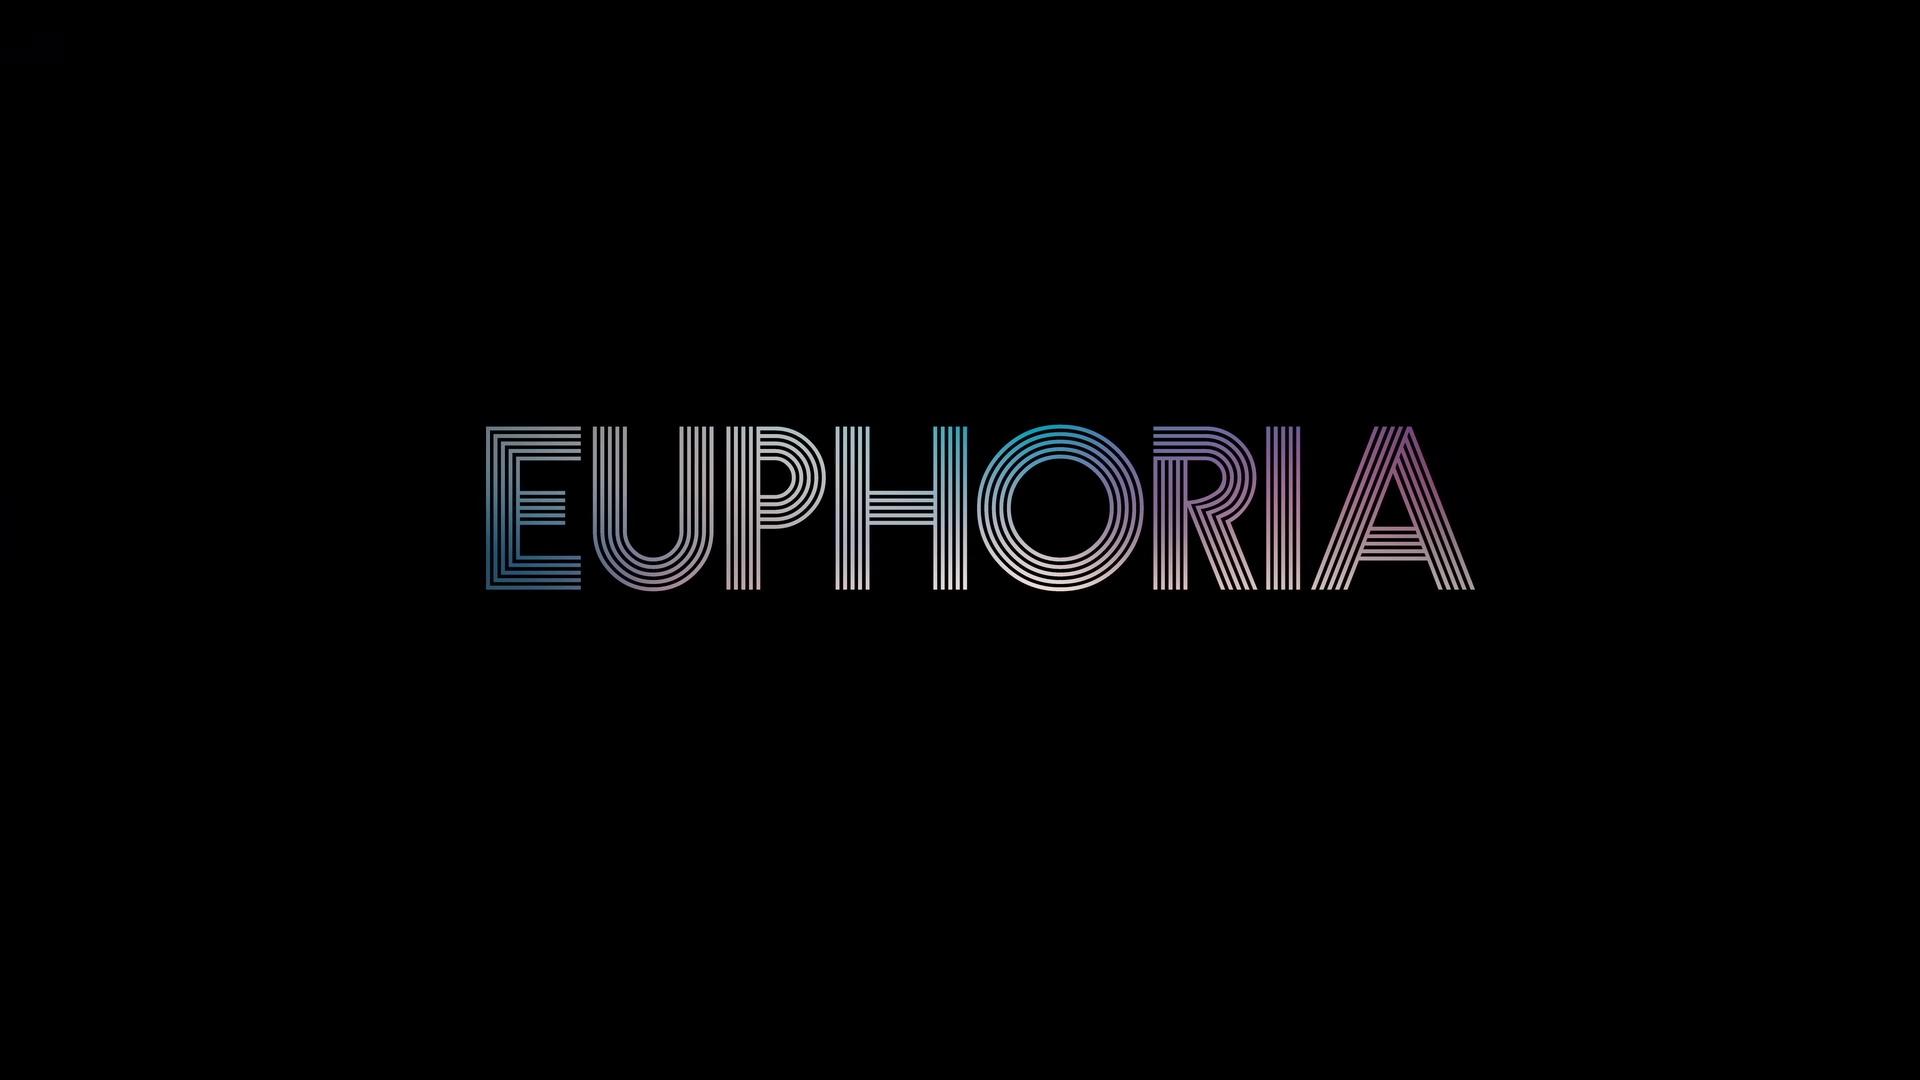 Euphoria (2019) Temporada 1 1080p WEB-DL Latino